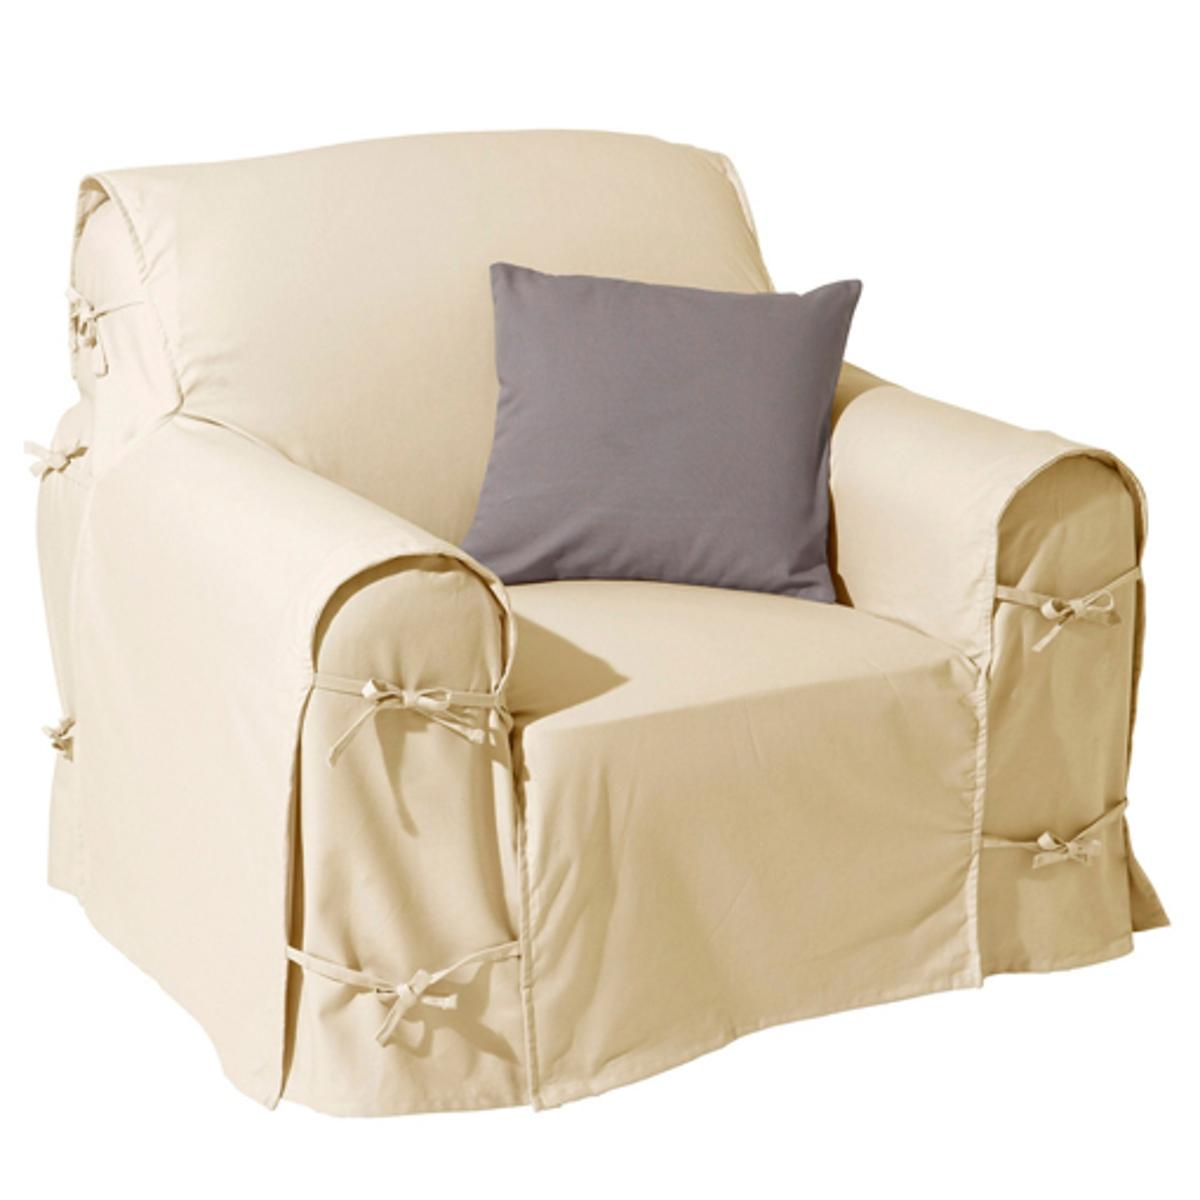 Чехол для креслаХарактеристики чехла для кресла:- Практичный чехол для кресла регулируется завязками. - Красивая плотная ткань из 100% хлопка (220 г/м?).- Обработка против пятен.- Простой уход: стирка при 40°, превосходная стойкость цвета.Размеры чехла для кресла:- Общая высота: 102 см.- Максимальная ширина: 80 см.- Глубина сидения: 60 см.- Высота подлокотников: 66 см.Качество VALEUR S?RE. Производство осуществляется с учетом стандартов по защите окружающей среды и здоровья человека, что подтверждено сертификатом Oeko-tex®.<br><br>Цвет: антрацит,белый,медовый,облачно-серый,рубиново-красный,серо-коричневый каштан,синий индиго,экрю<br>Размер: единый размер